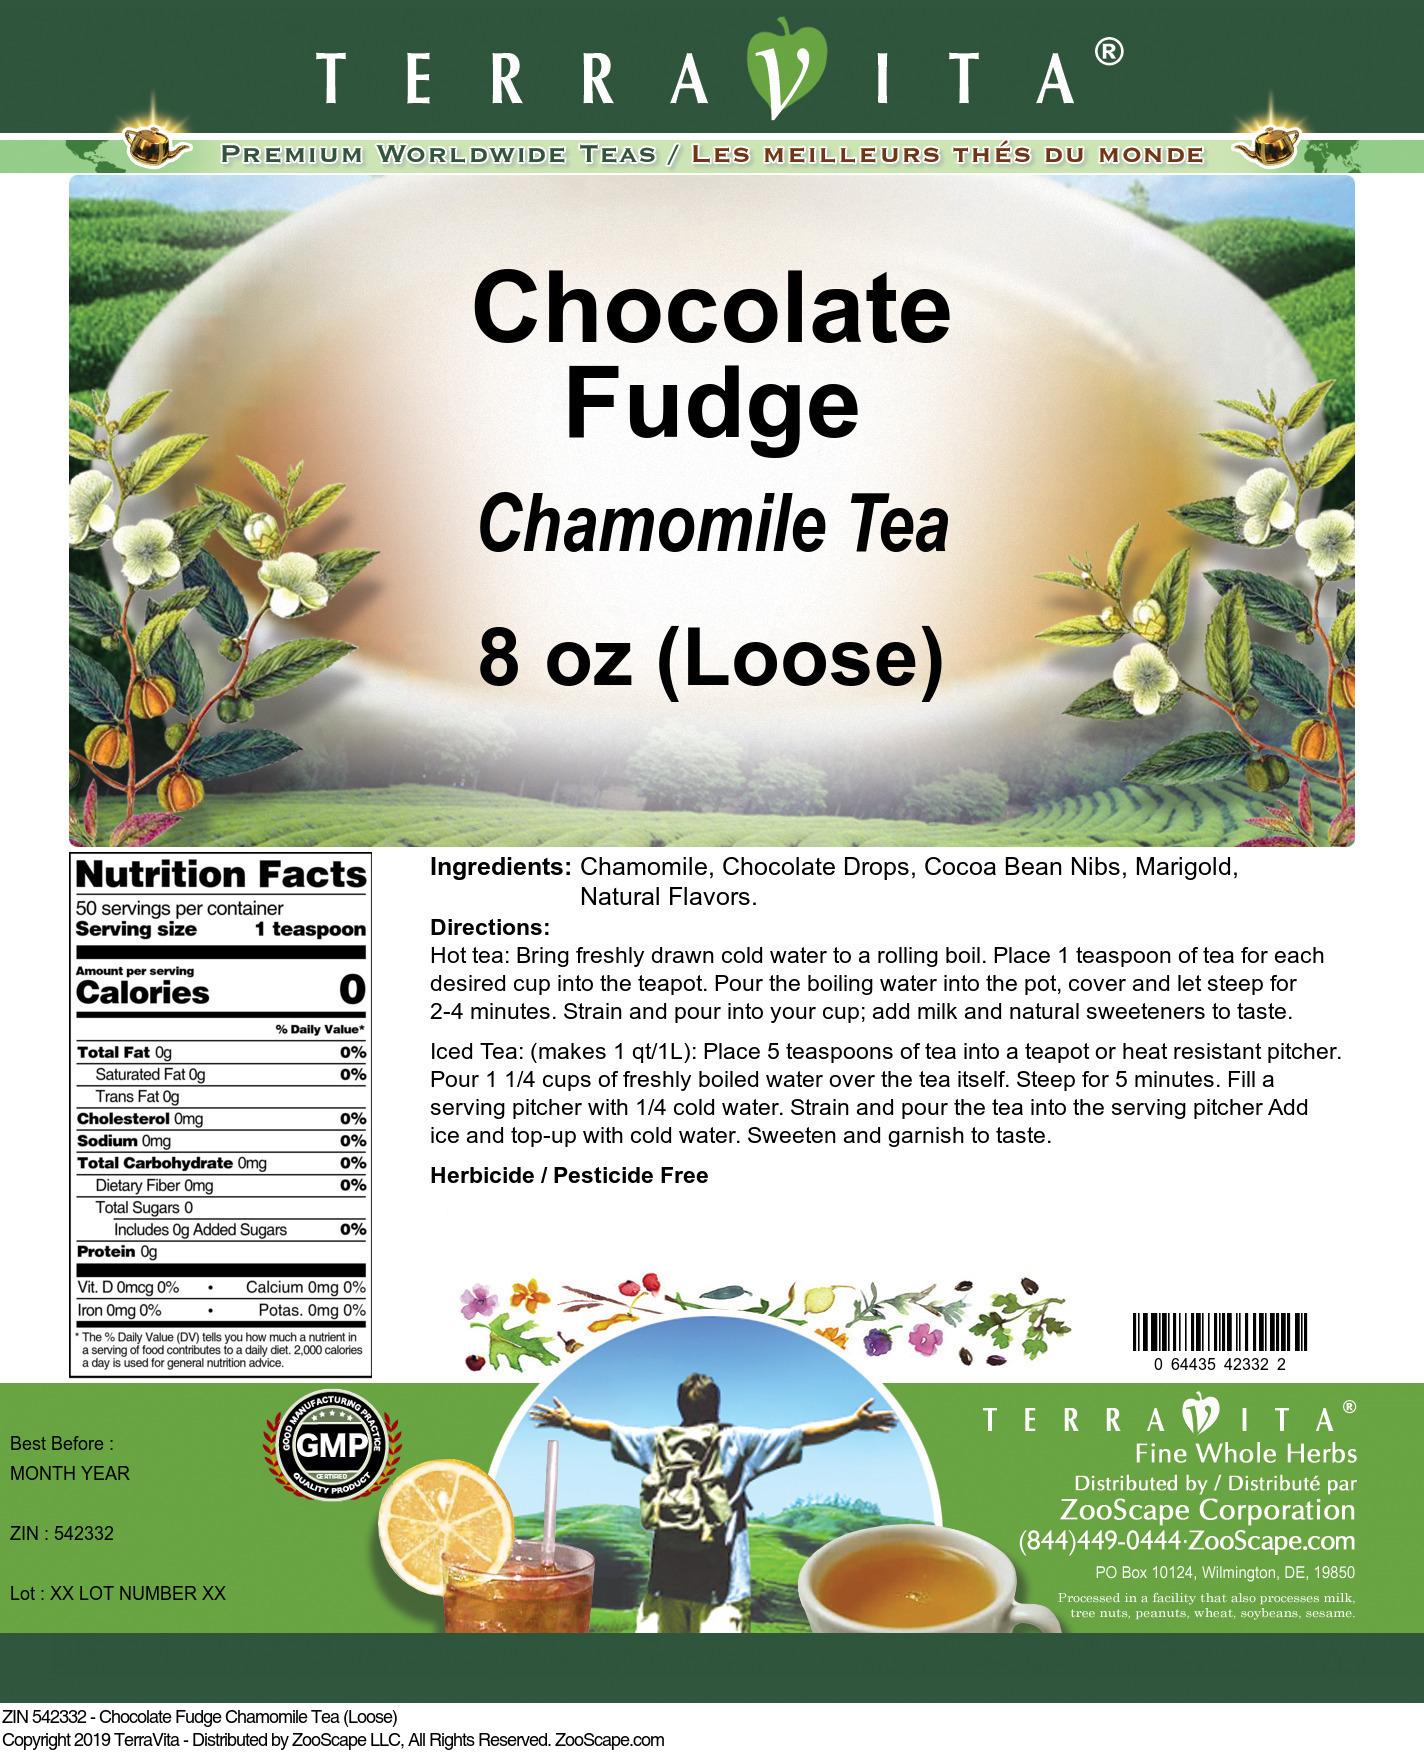 Chocolate Fudge Chamomile Tea